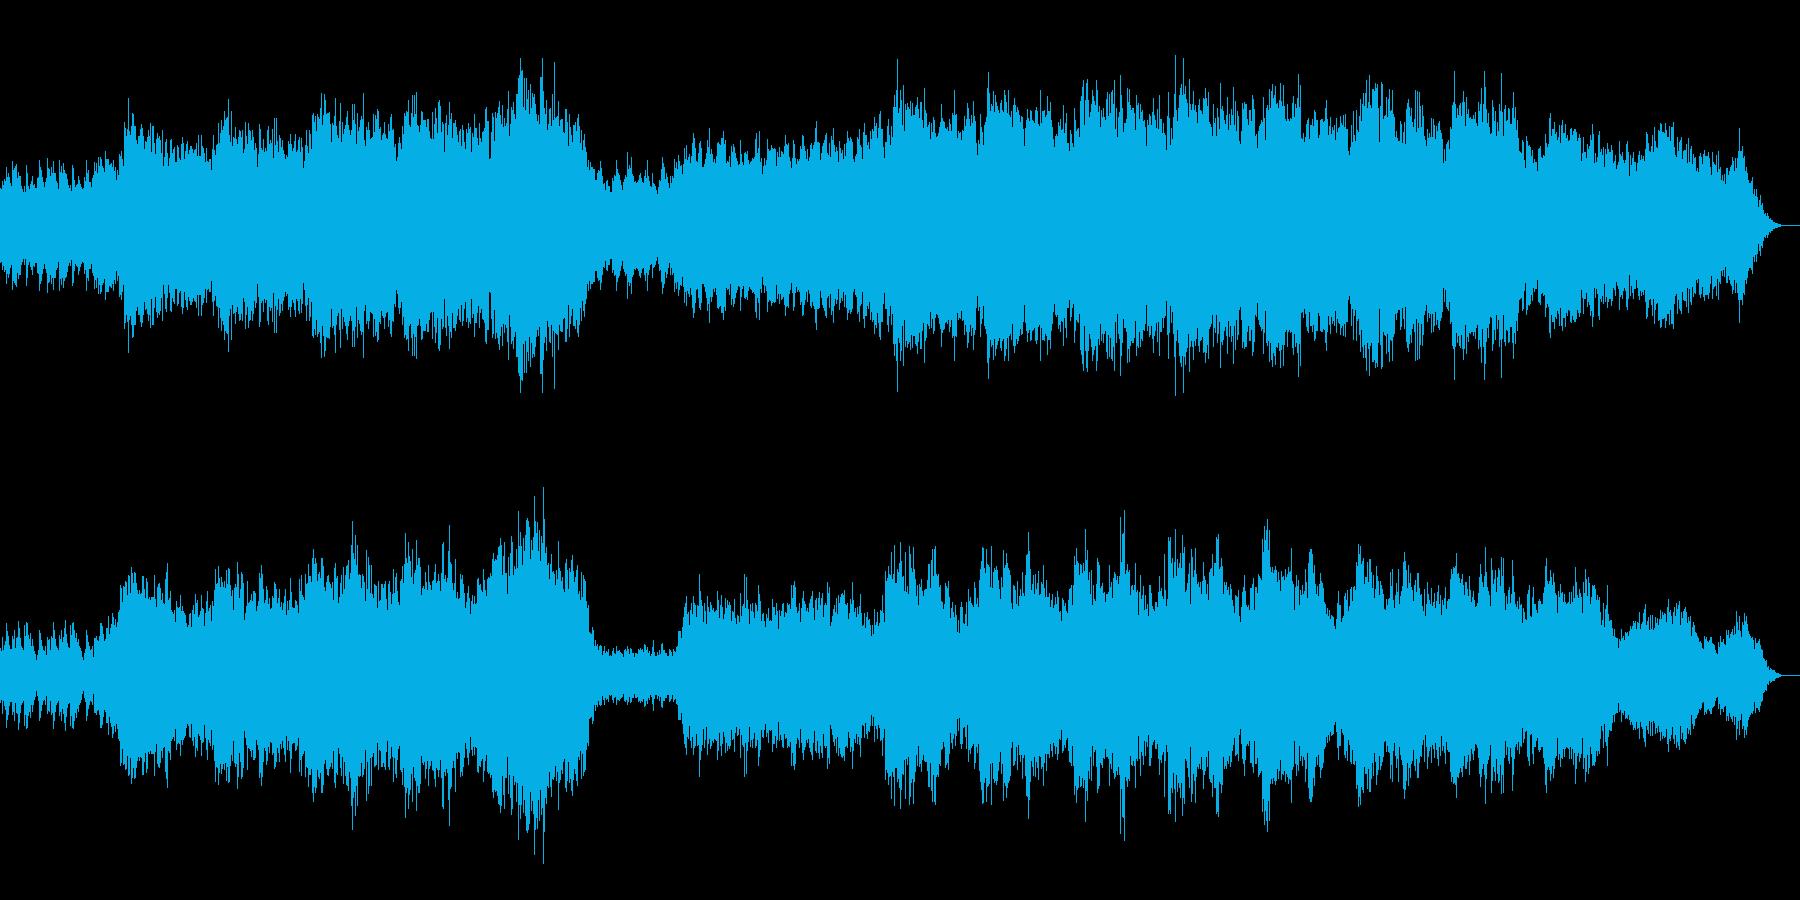 キラキラ輝きながら流れる川のイメージの再生済みの波形